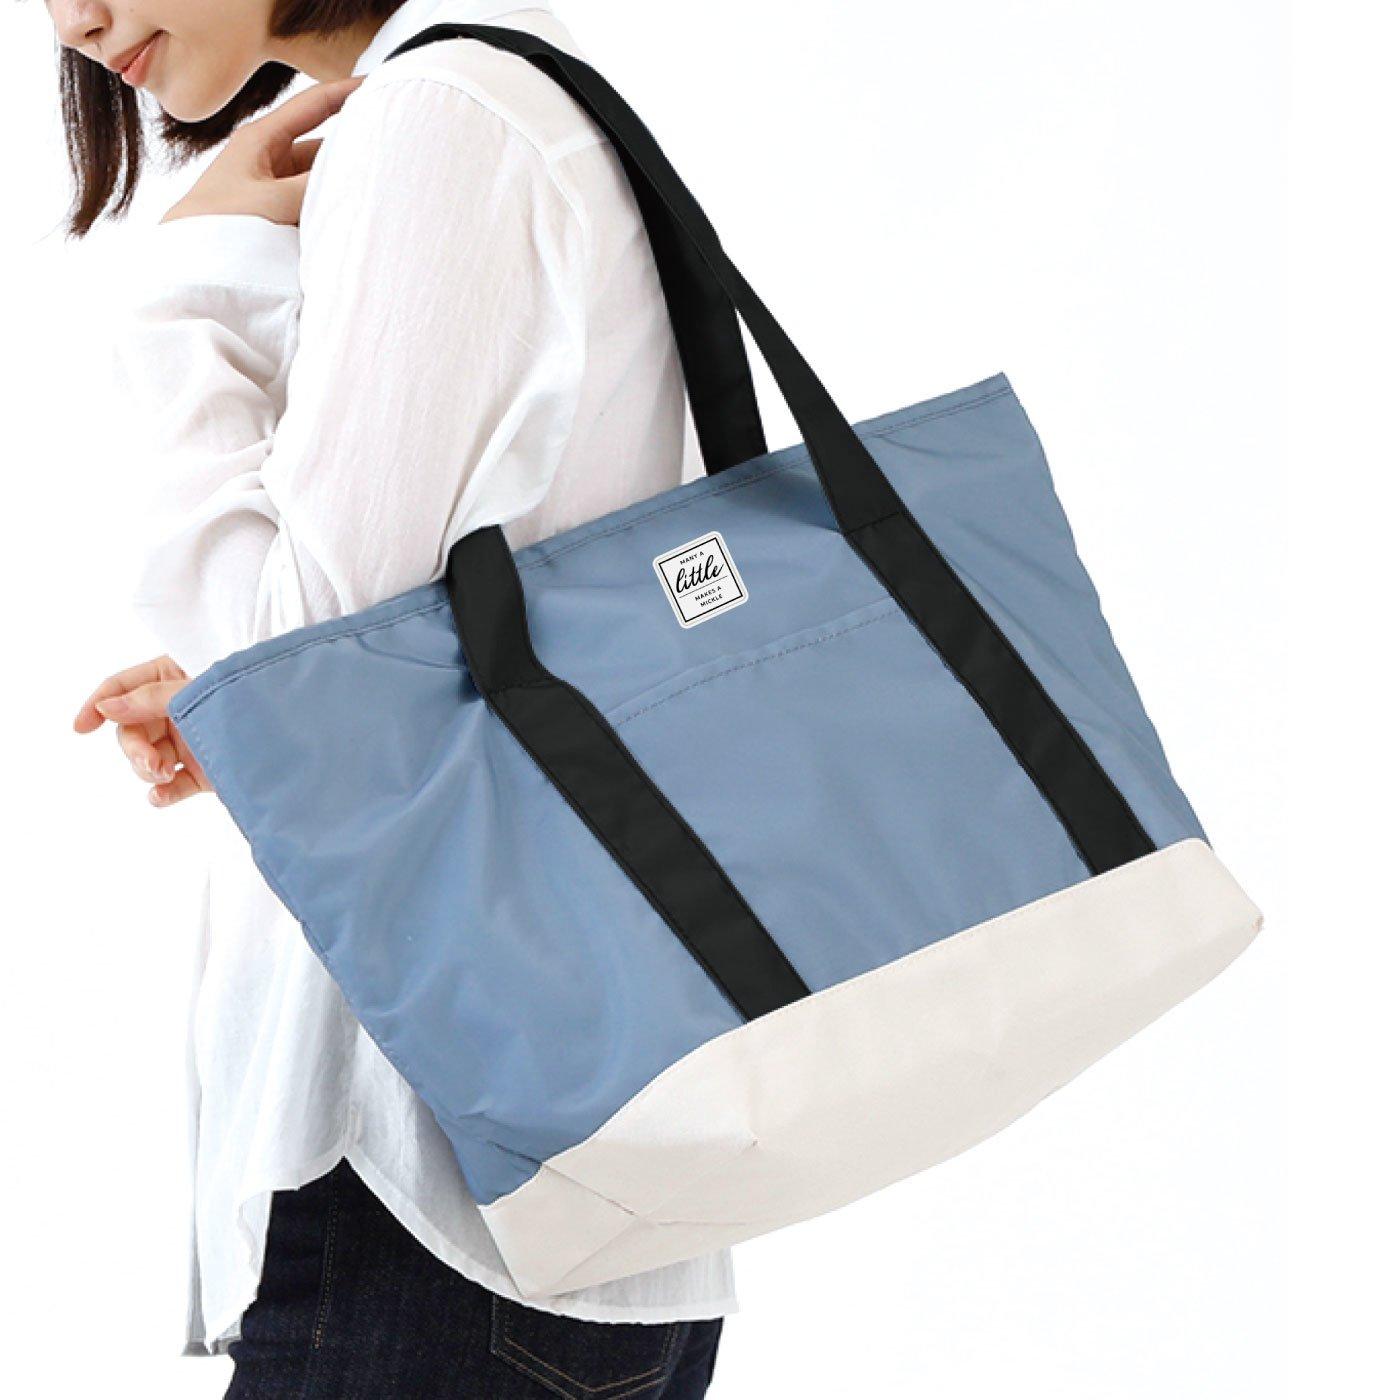 買い物にちょうどいいサイズ感 撥水保冷保温トートバッグ